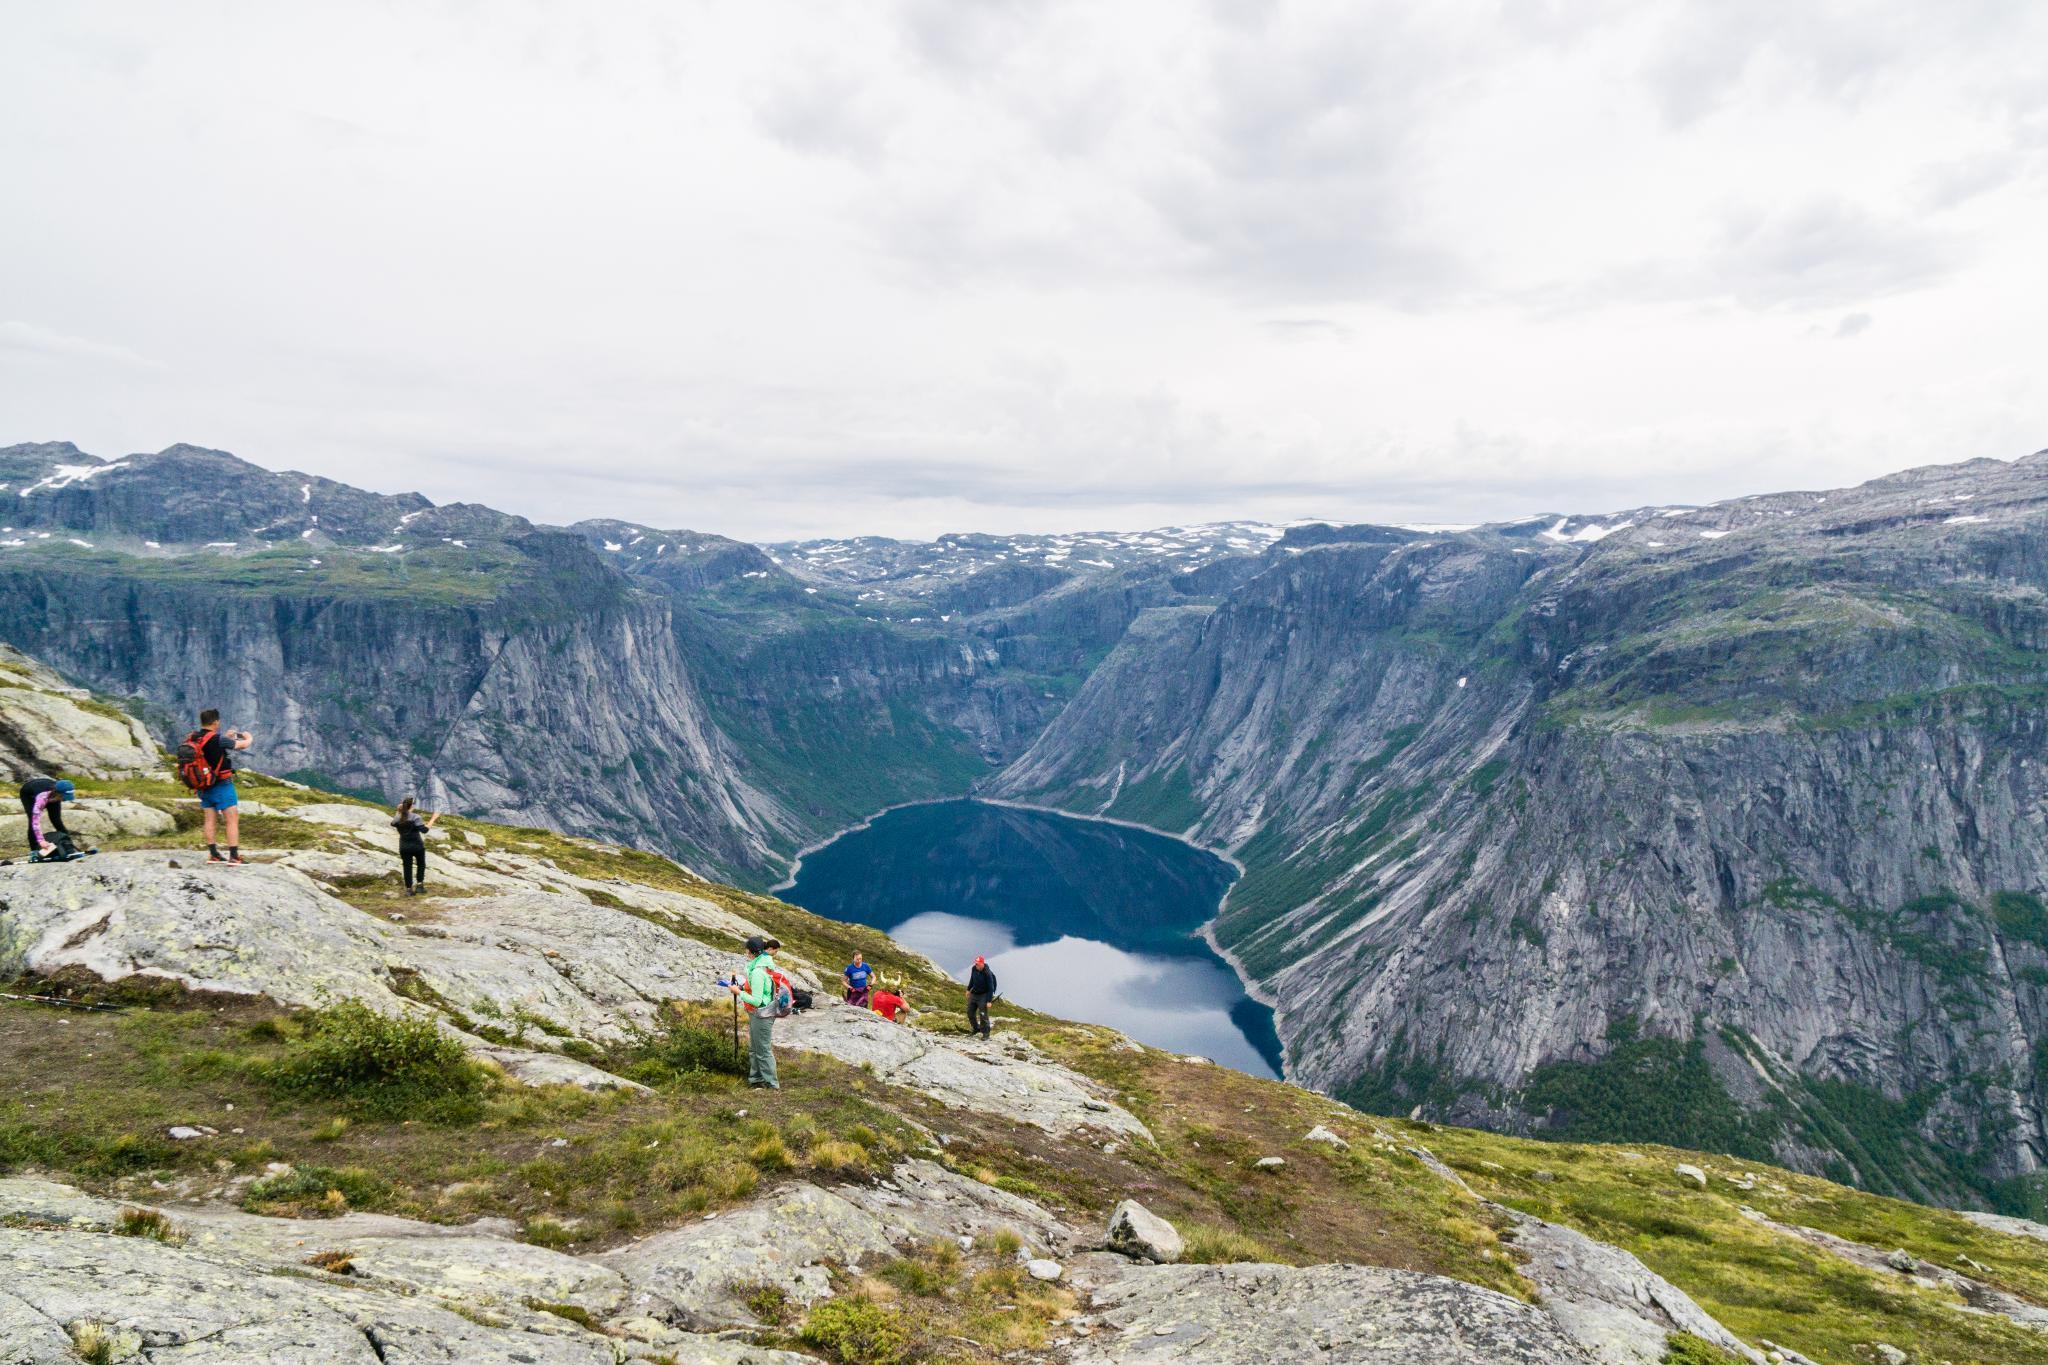 【北歐景點】挪威惡魔之舌 Trolltunga — 28公里健行挑戰全攻略 205